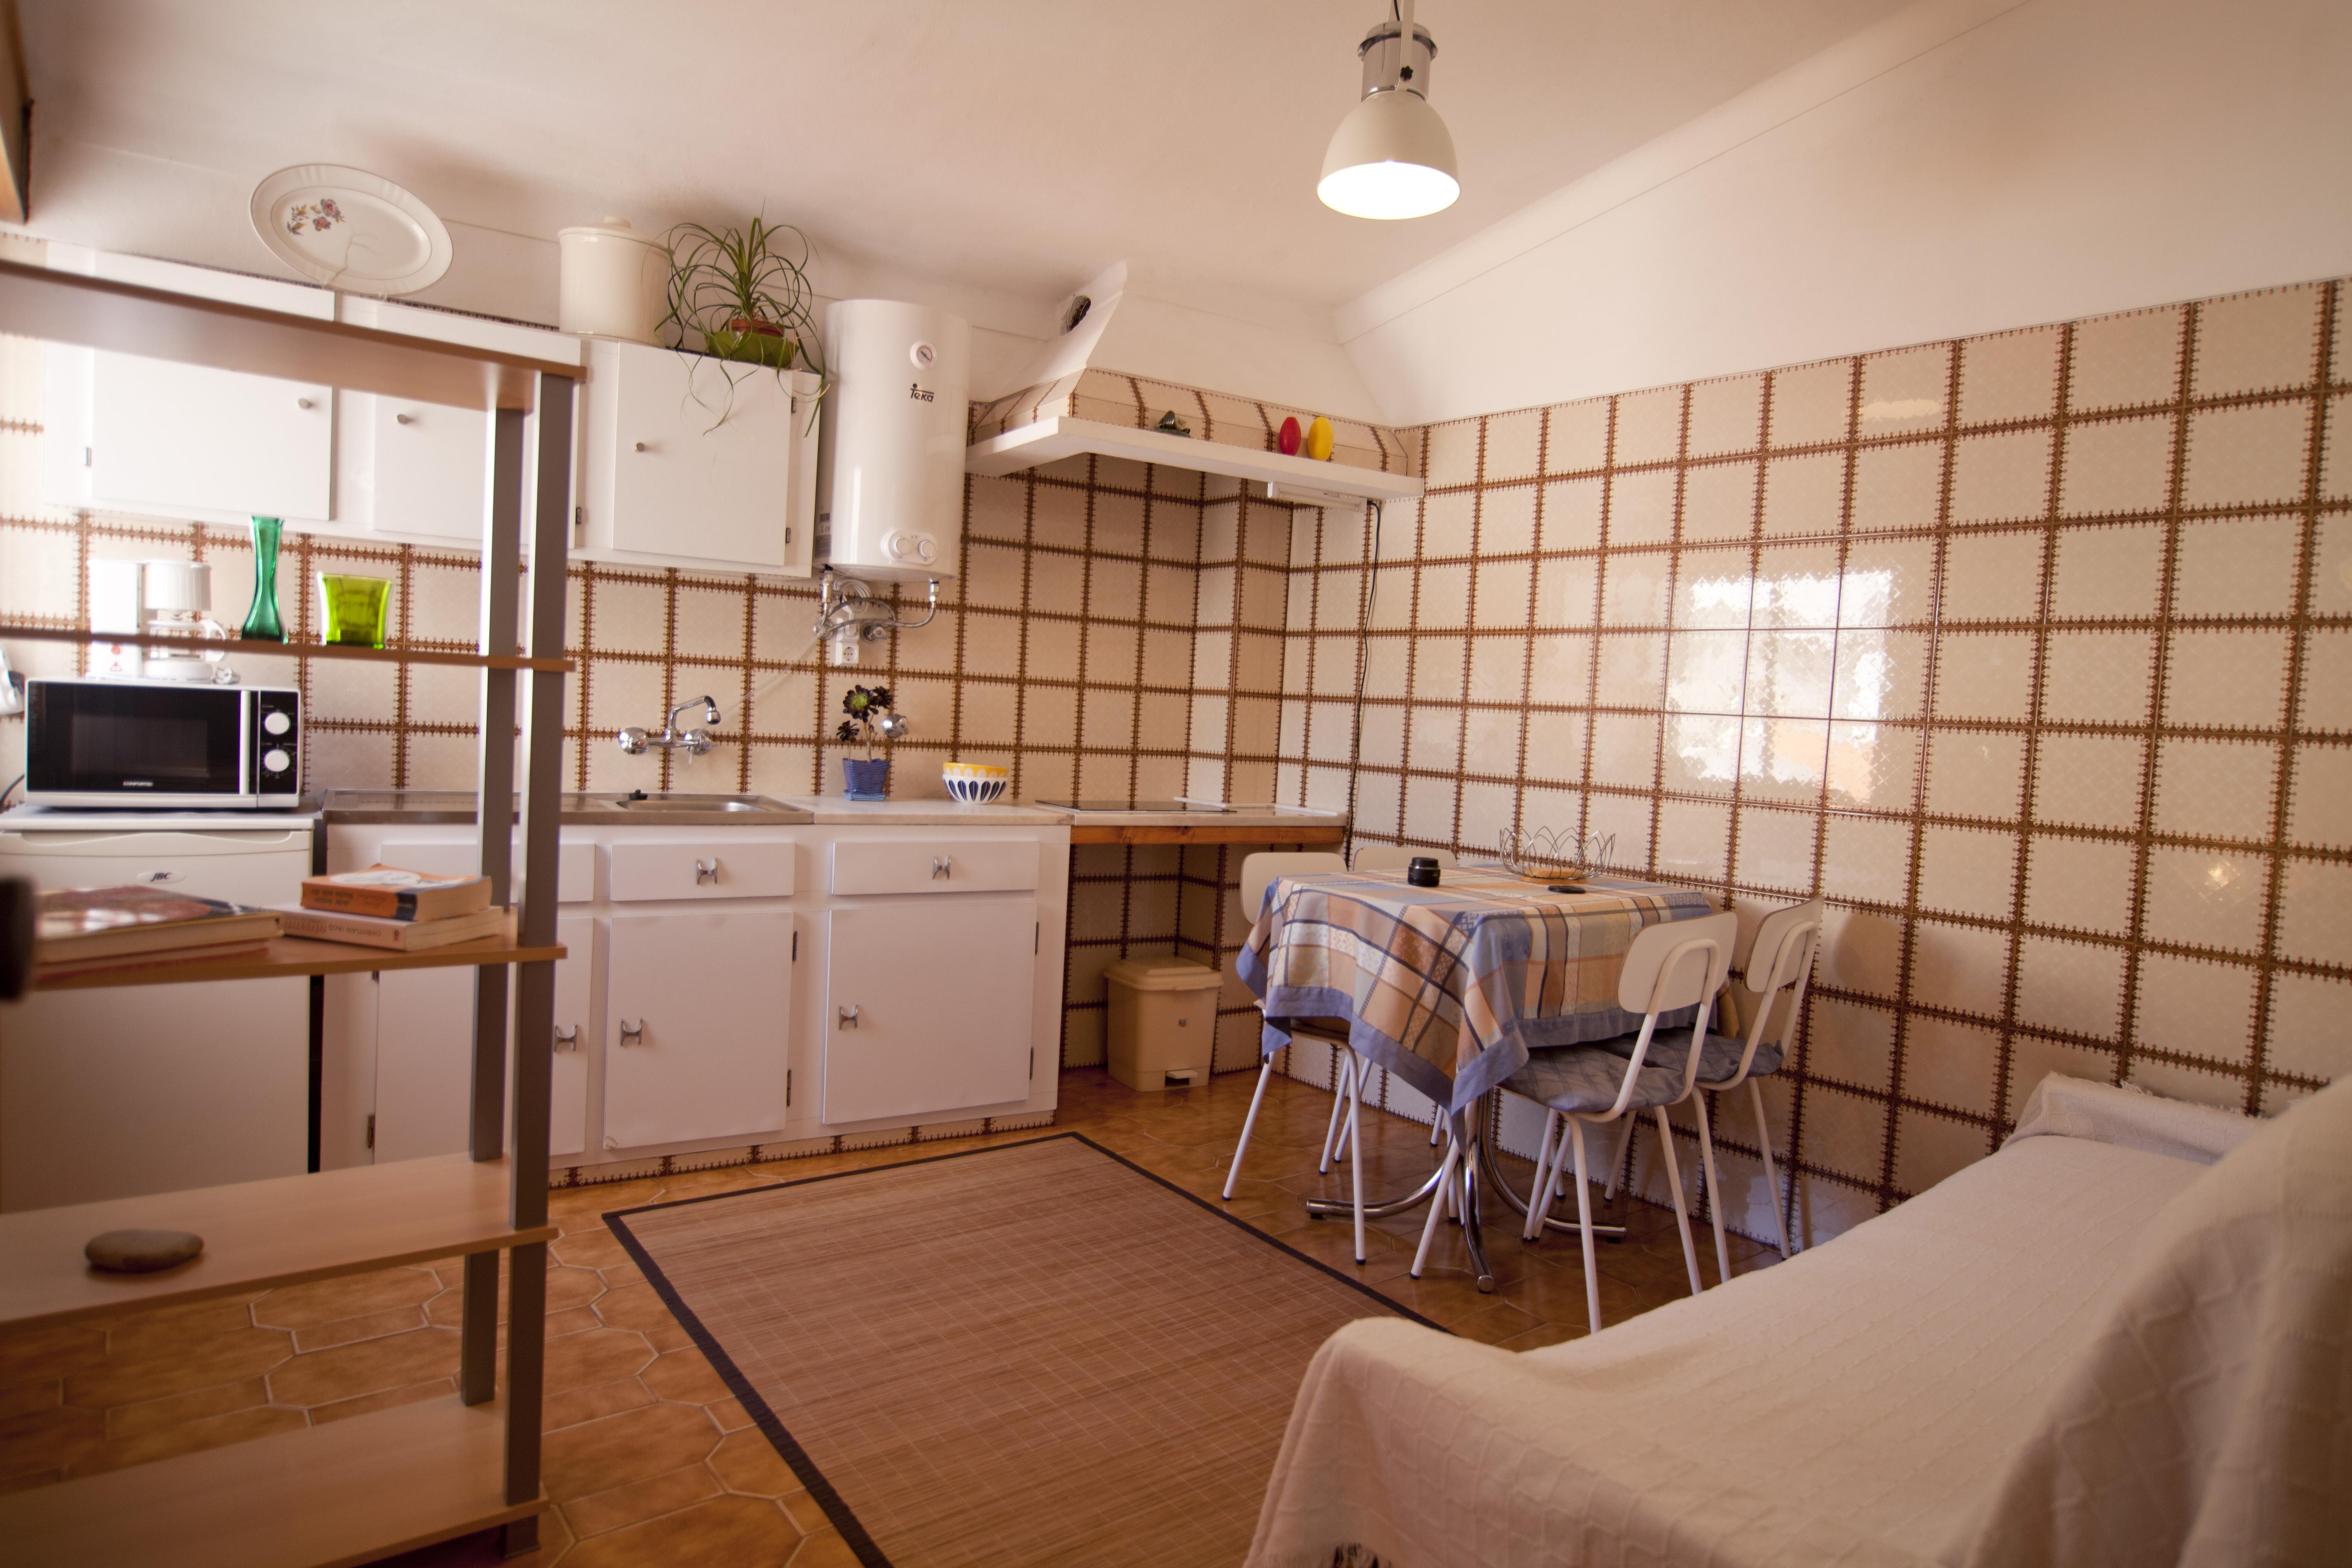 Hostel Odeceixe apartamento cozinha